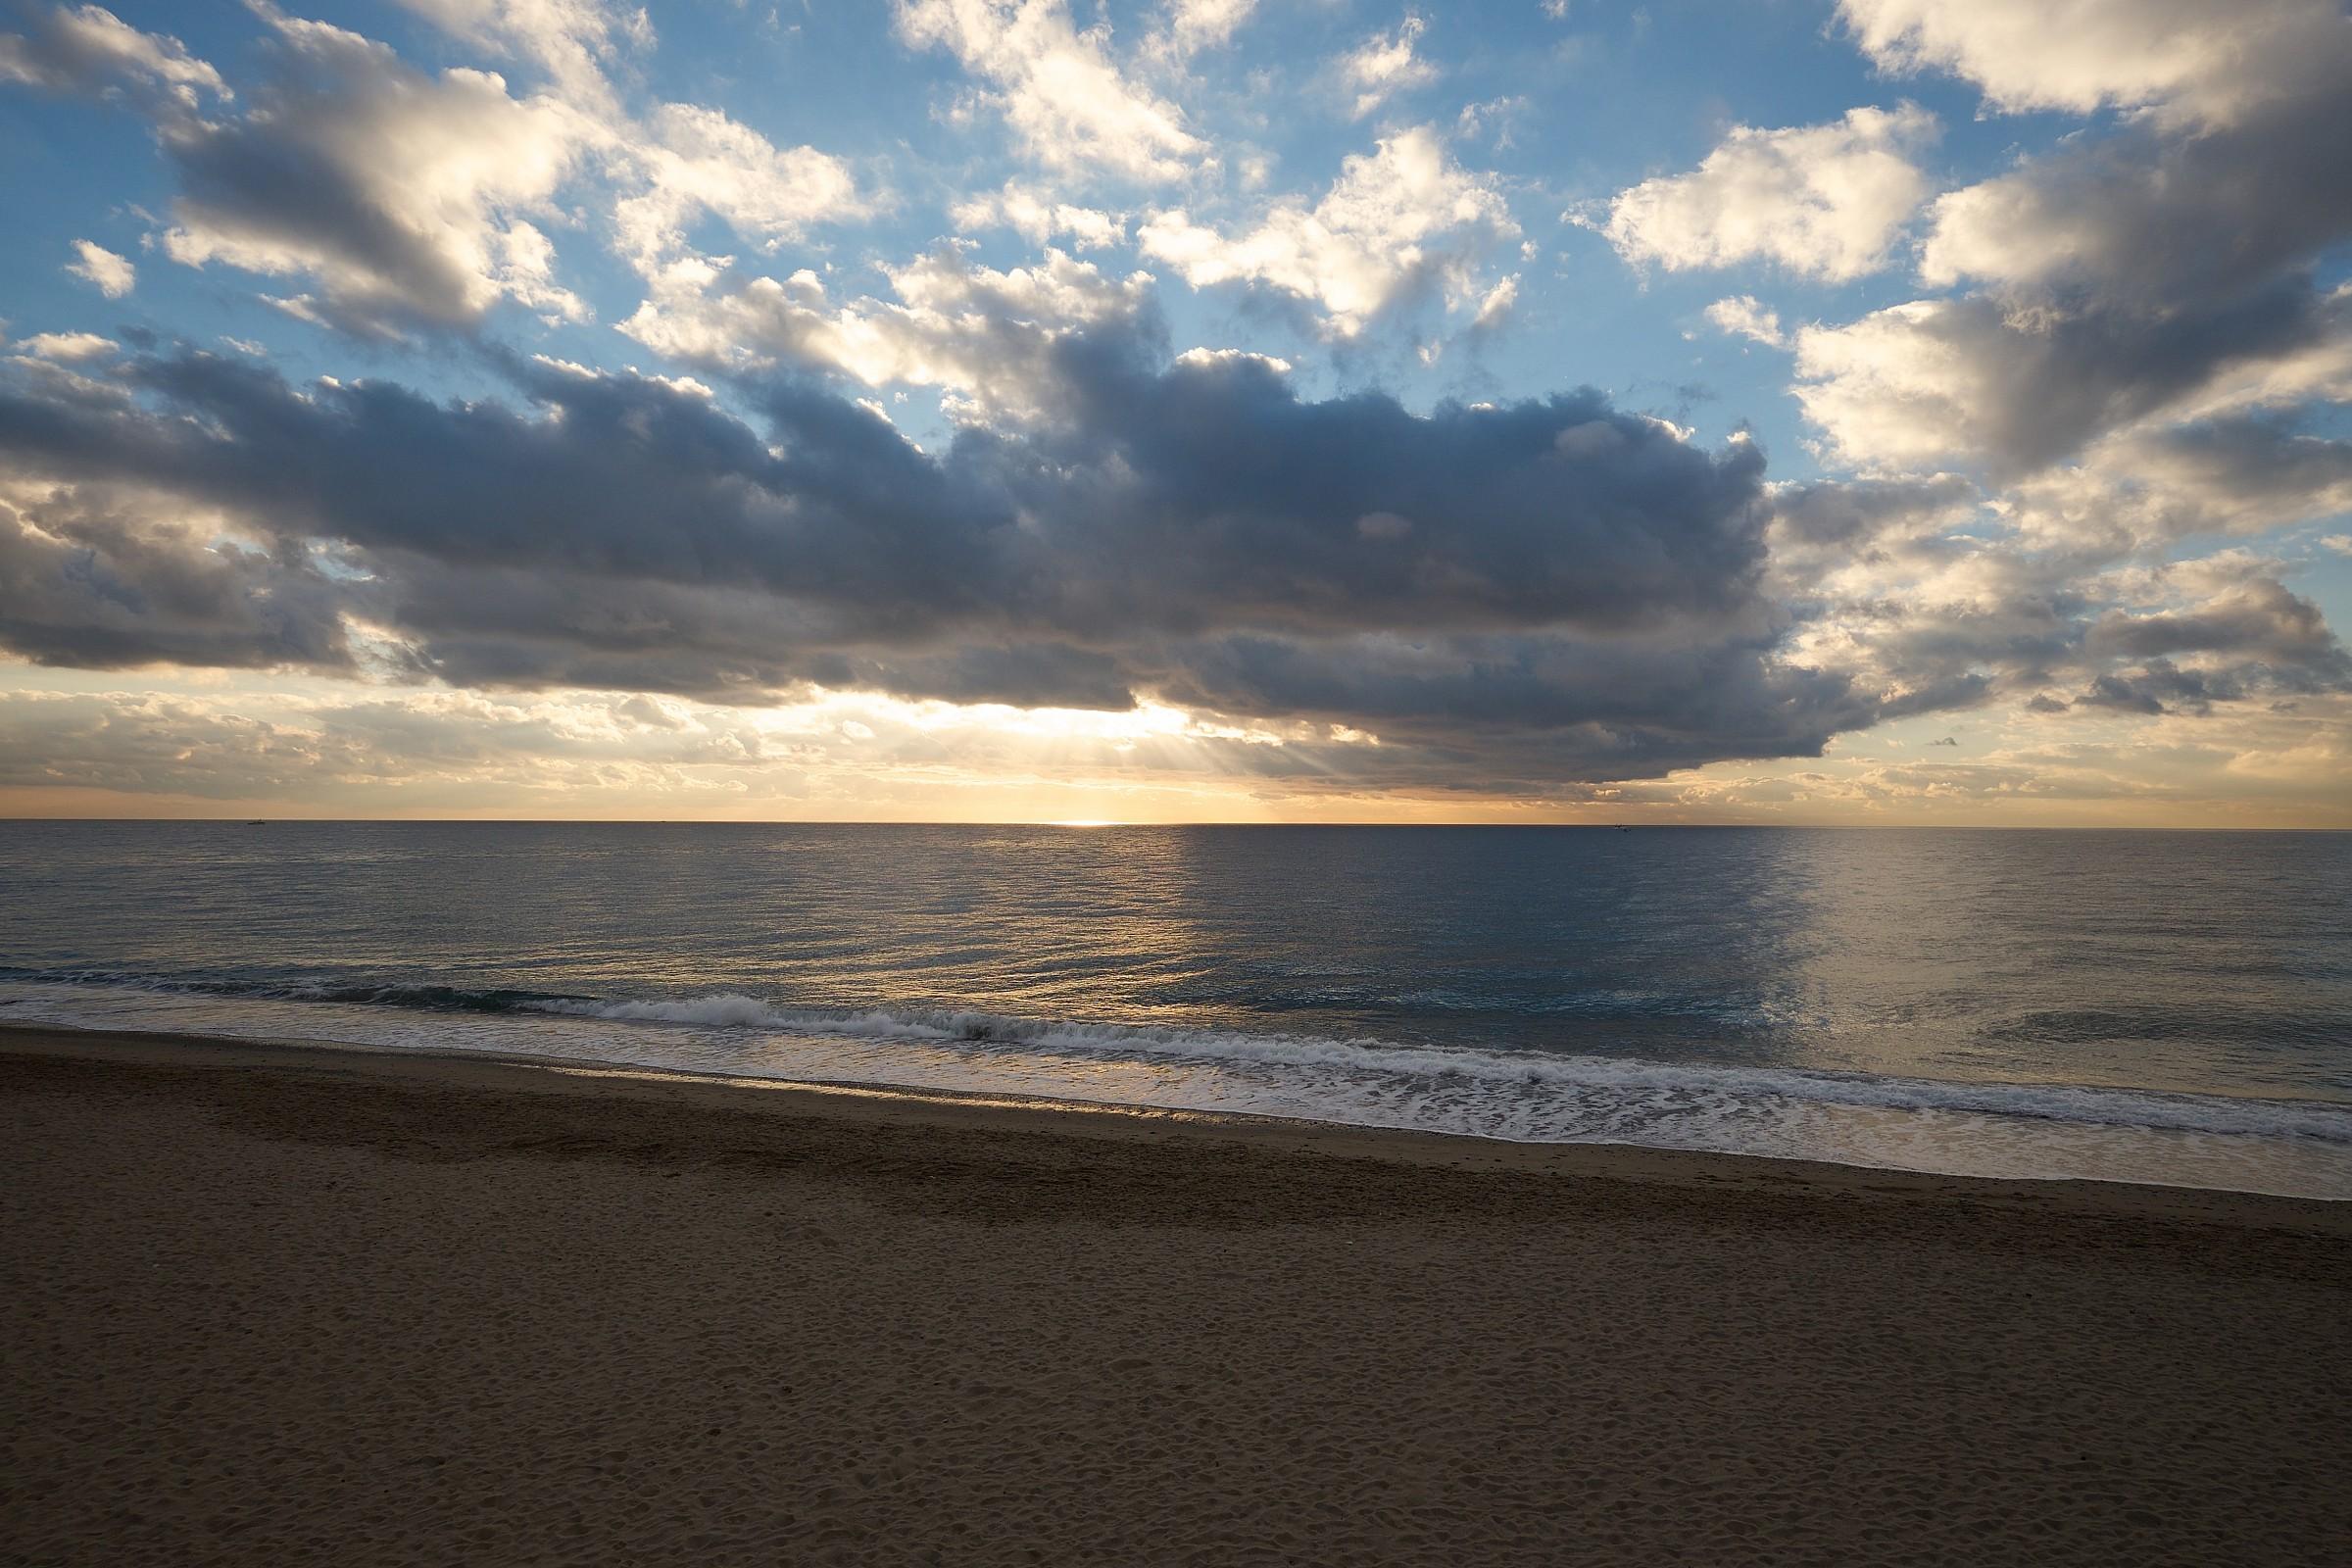 Spiaggia_2...